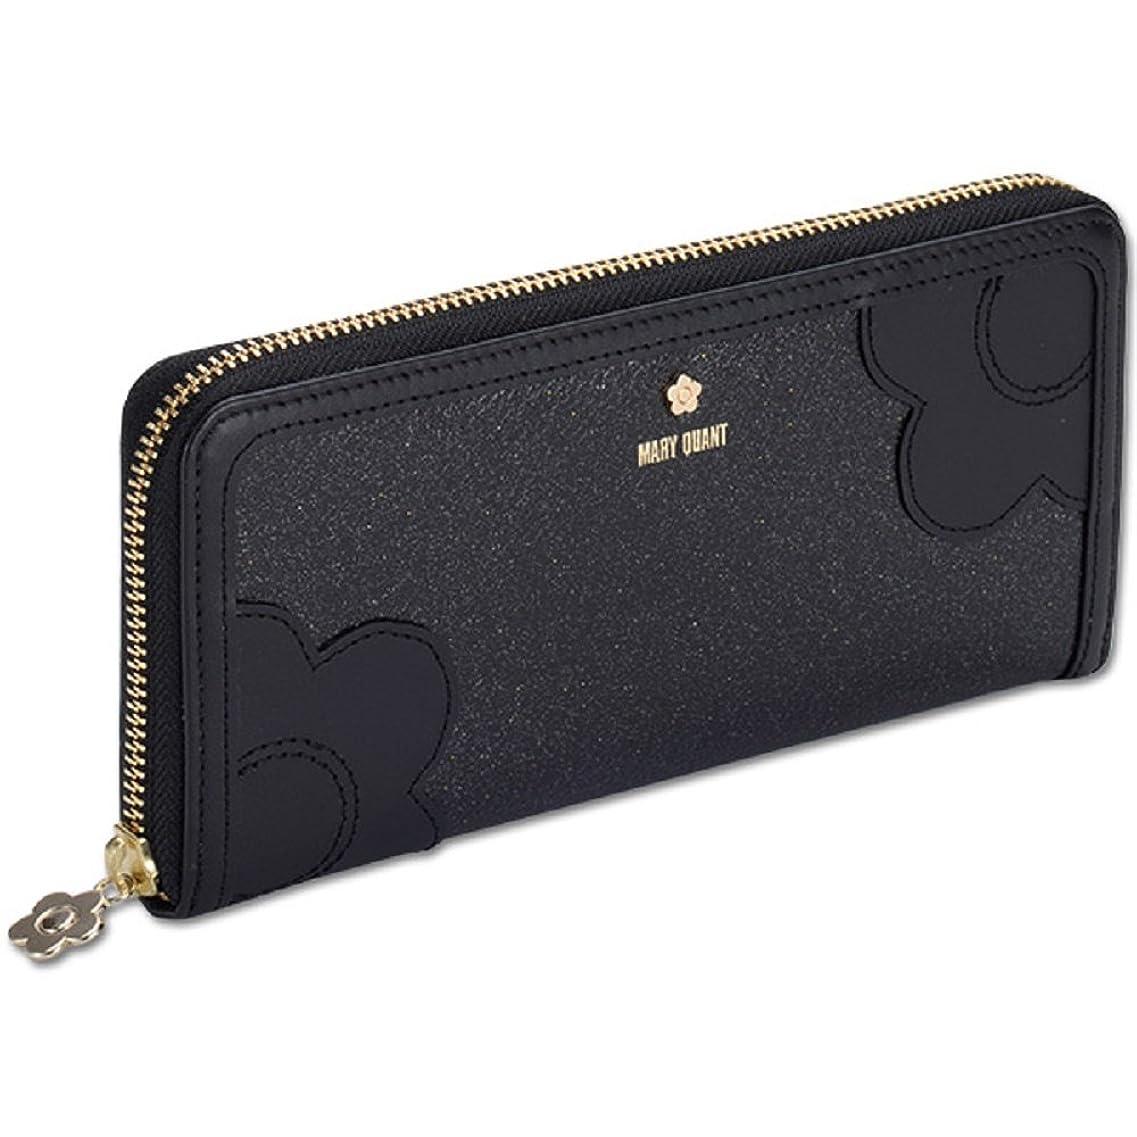 証明サイレント滝Mary Quant マリークワント 財布 長財布 デイジーペタルシェイプ パース (ブラック)